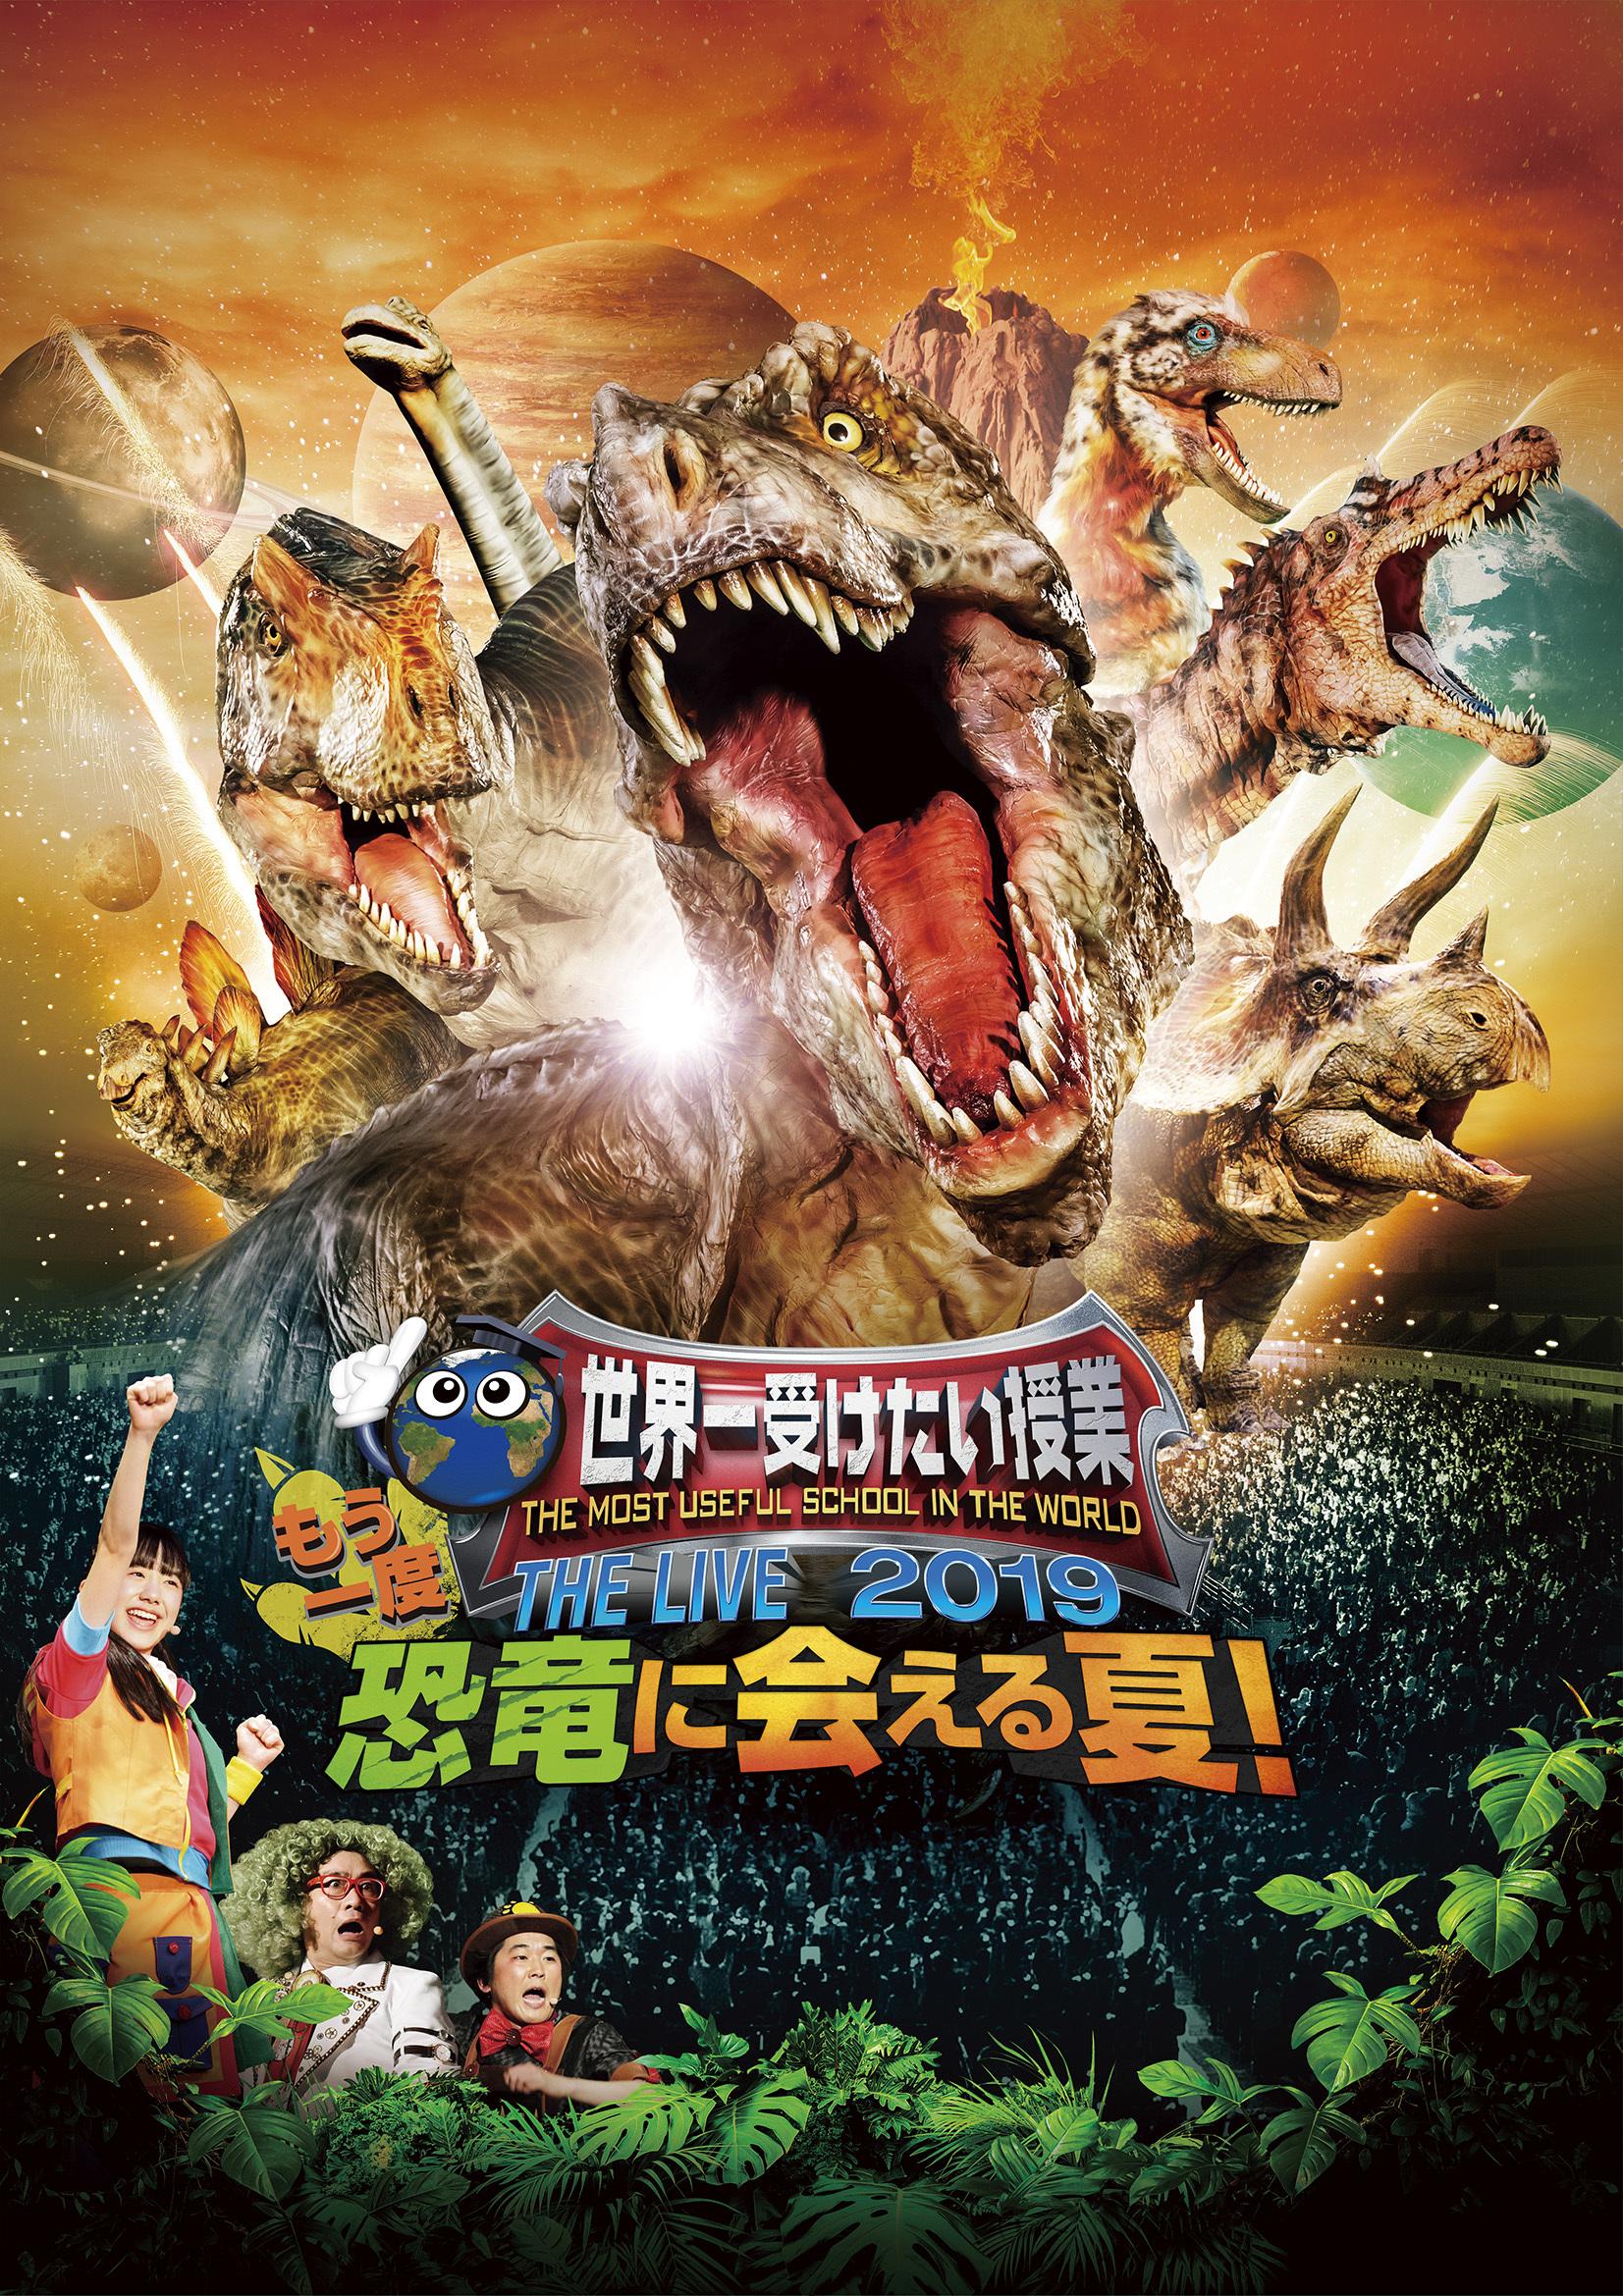 世界一受けたい授業 THE LIVE 2019 もう一度 恐竜に会える夏!